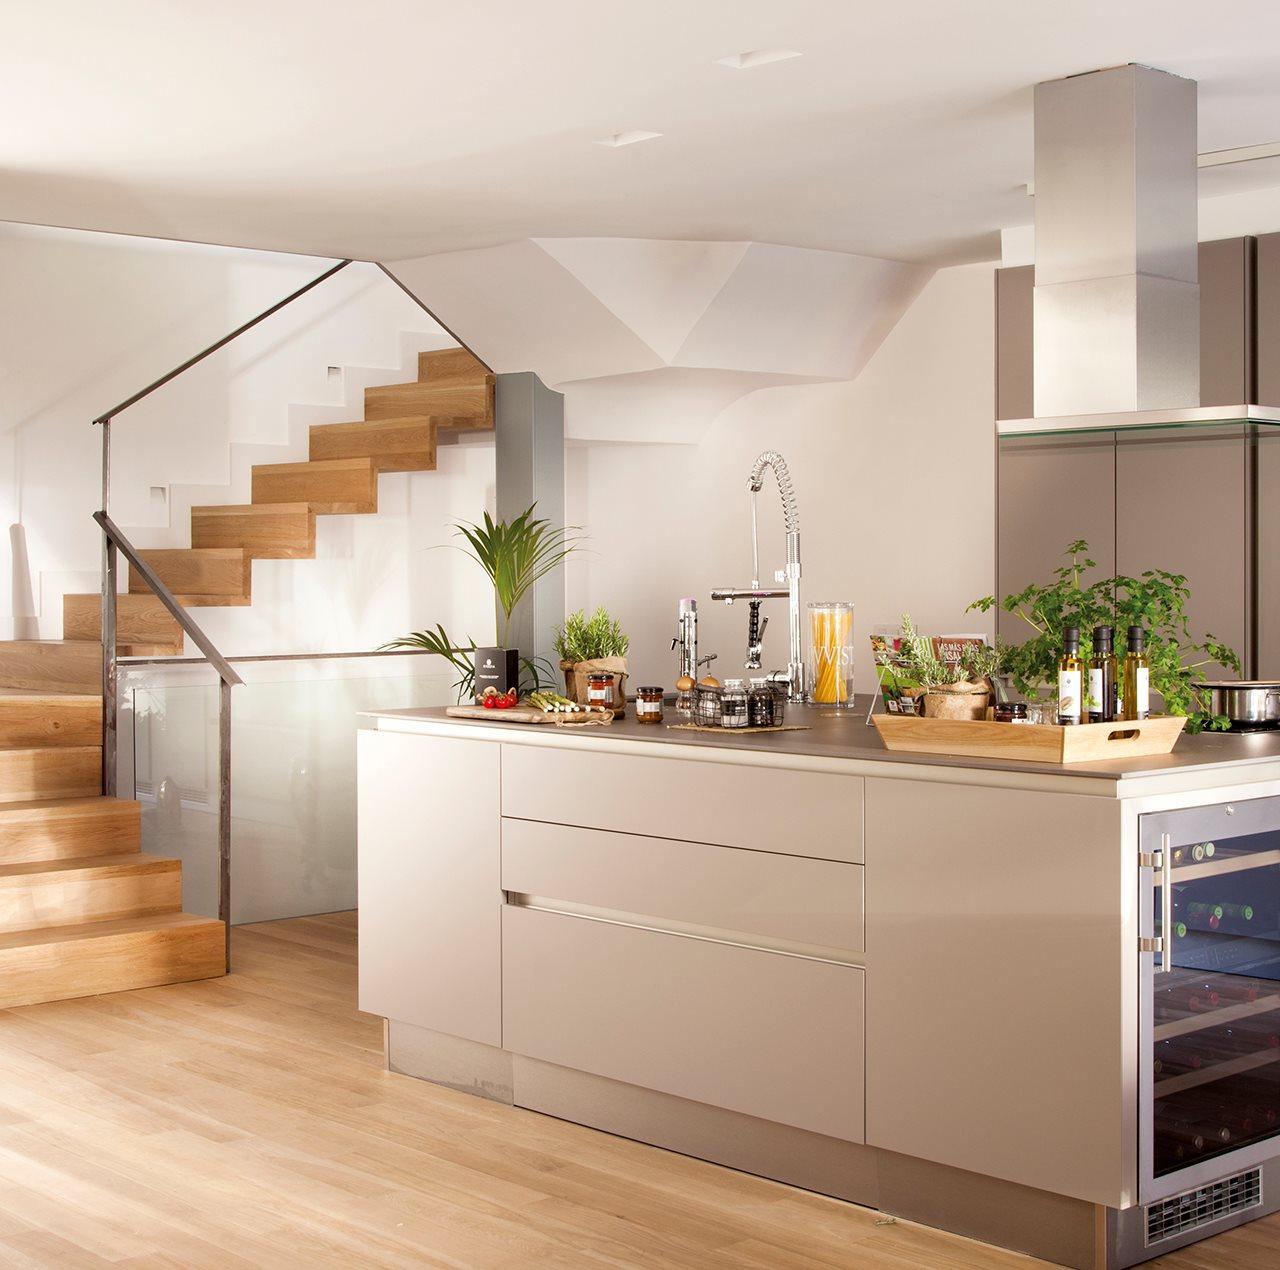 Casa a las afueras de madrid con jard n y donde se respira for Escalera de cocina